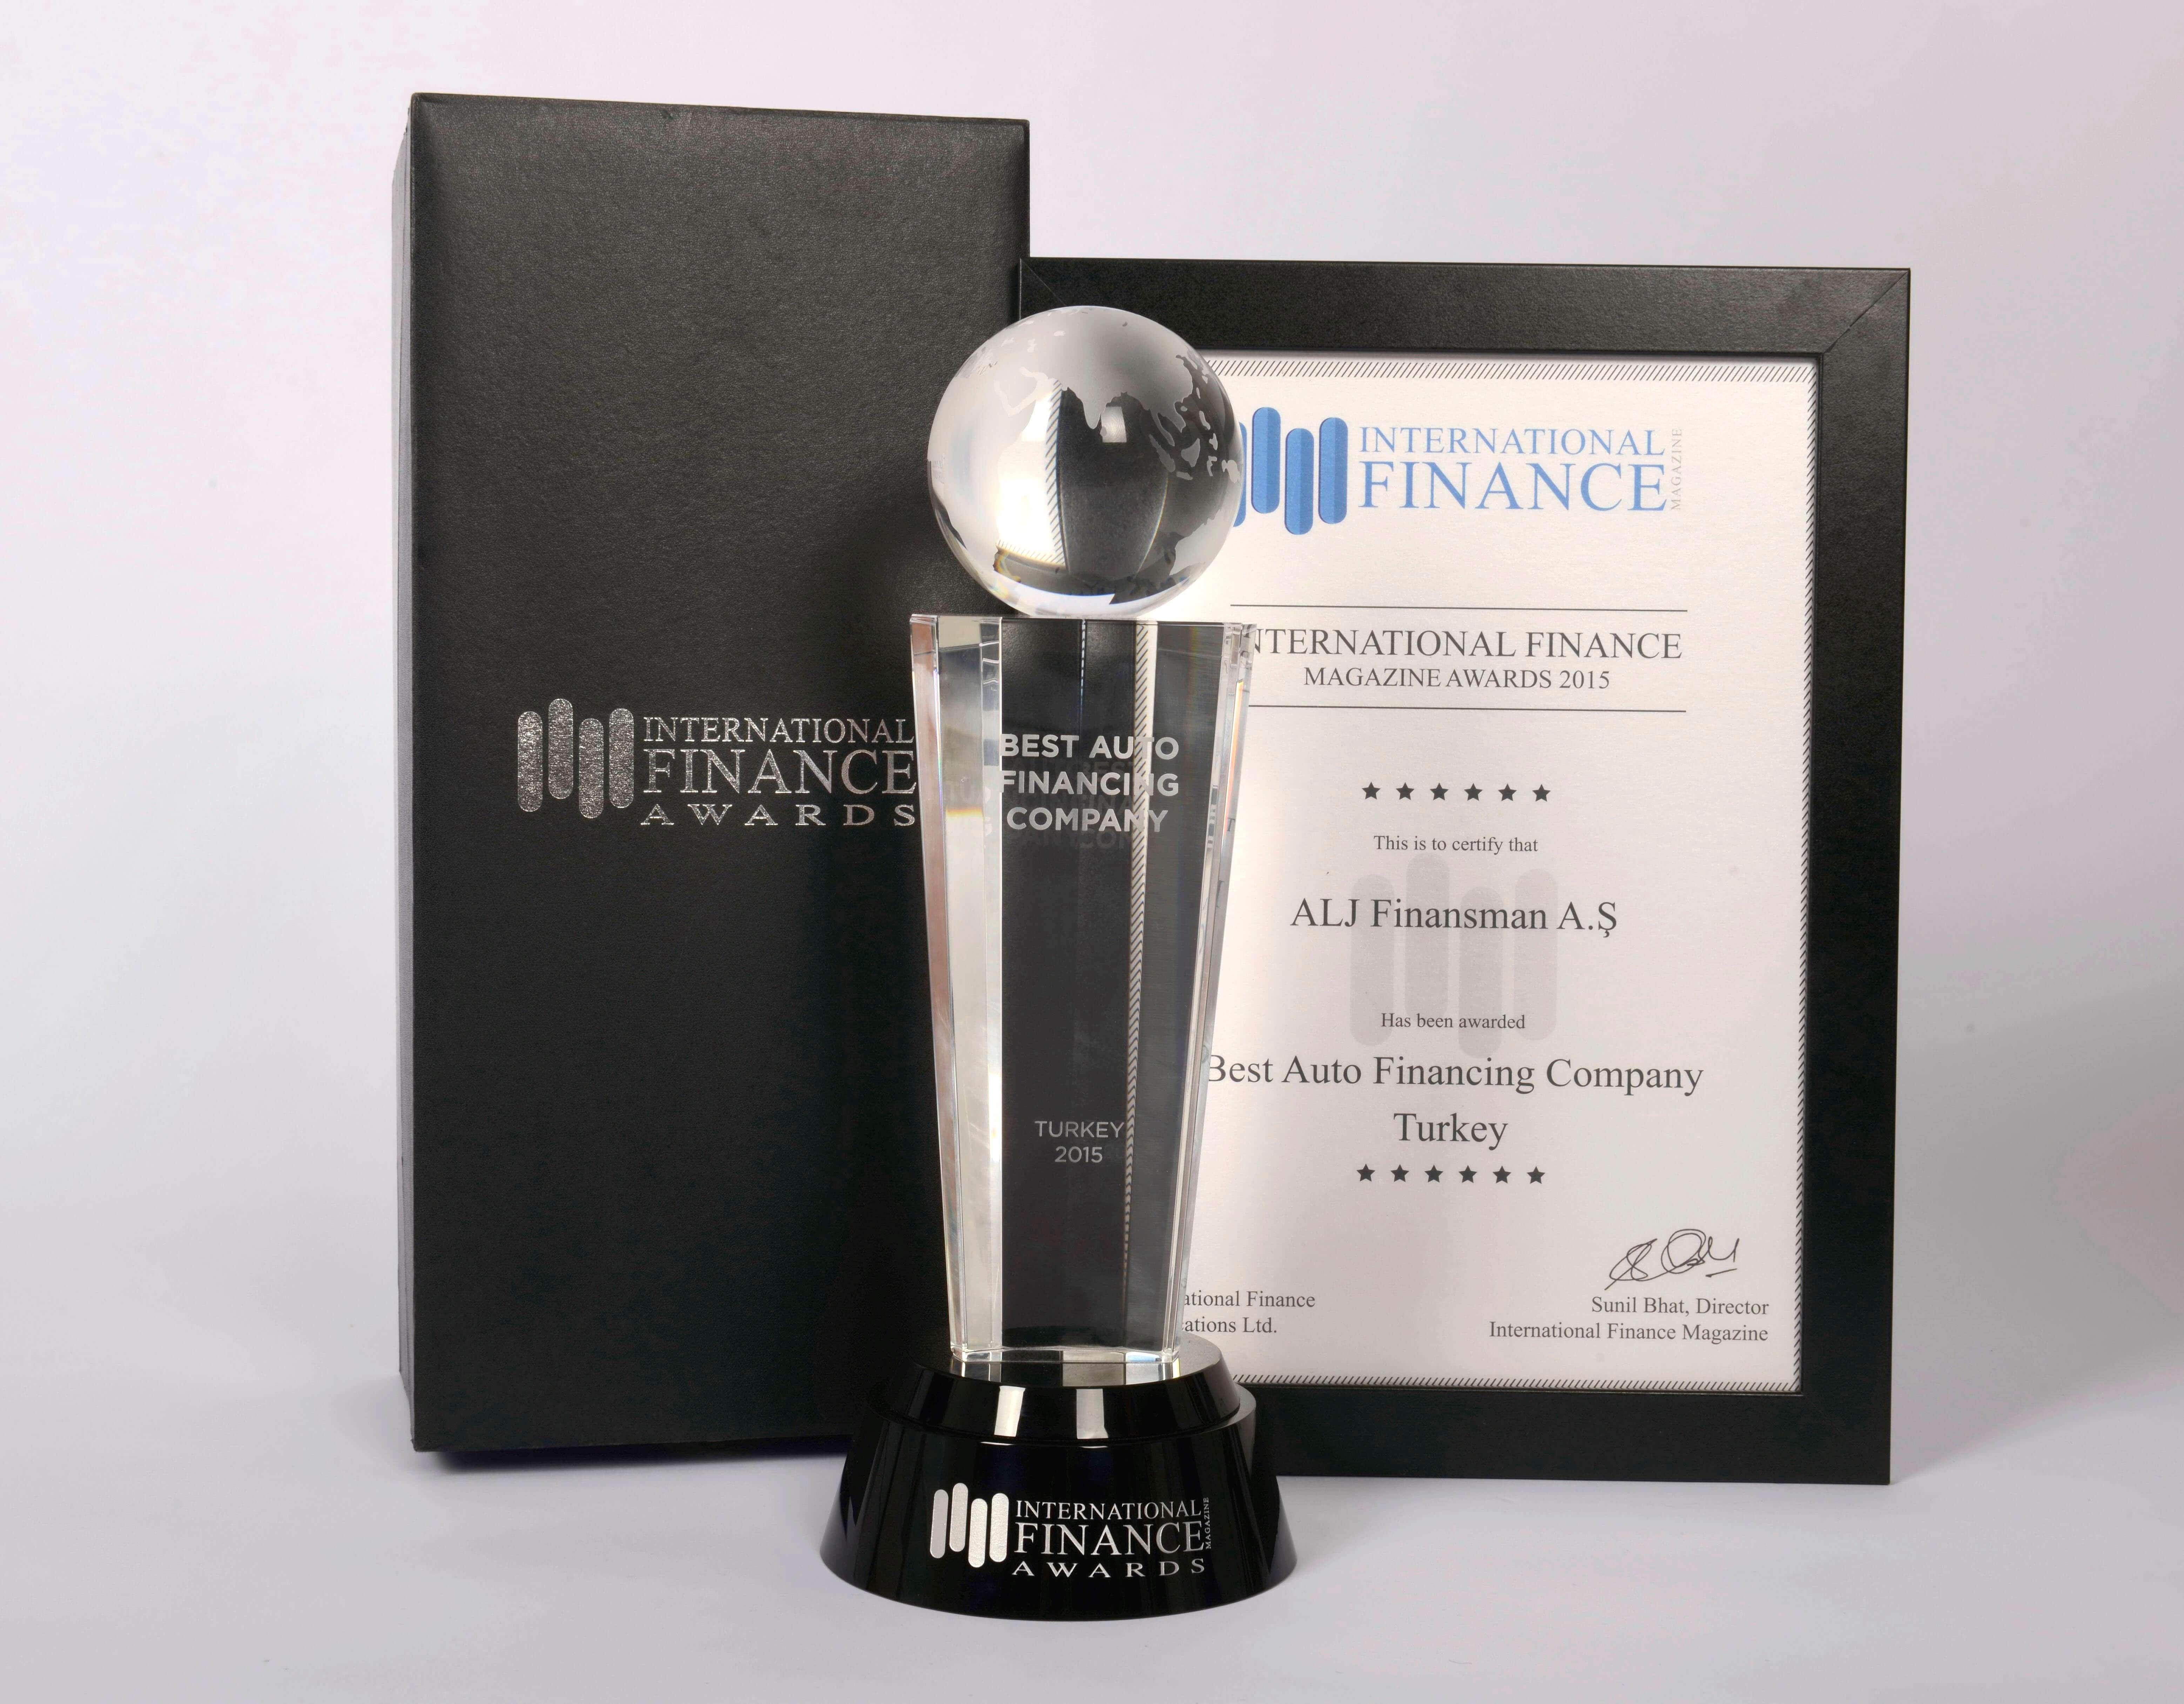 ALJ Finans named 'Best Auto Financing Company' in Turkey